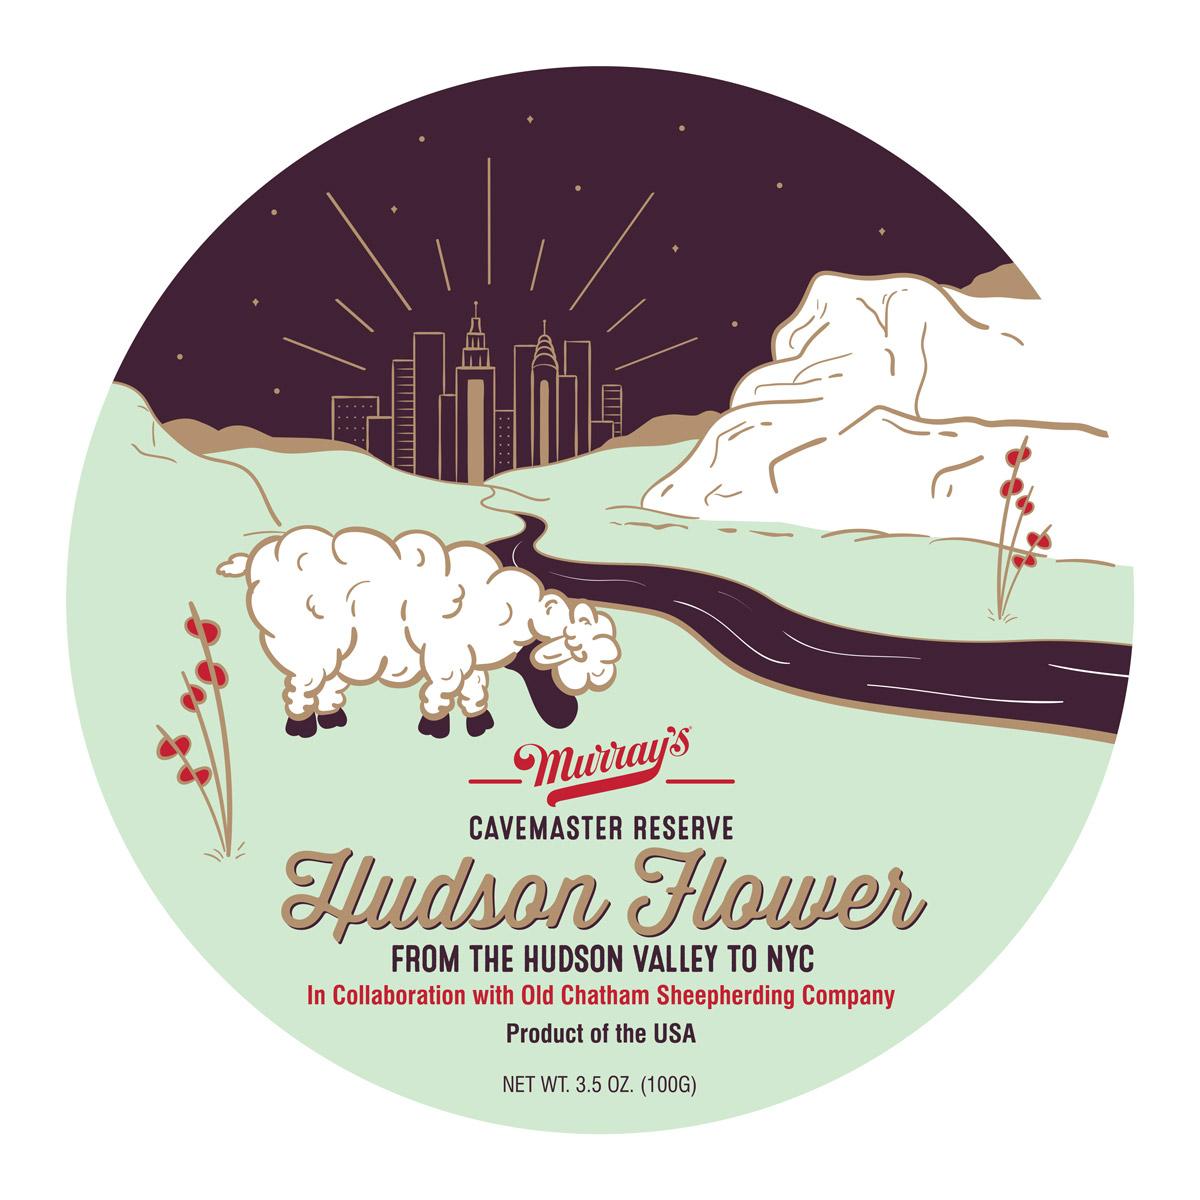 Murrays_cavemaster_hudsonflower-website.jpg